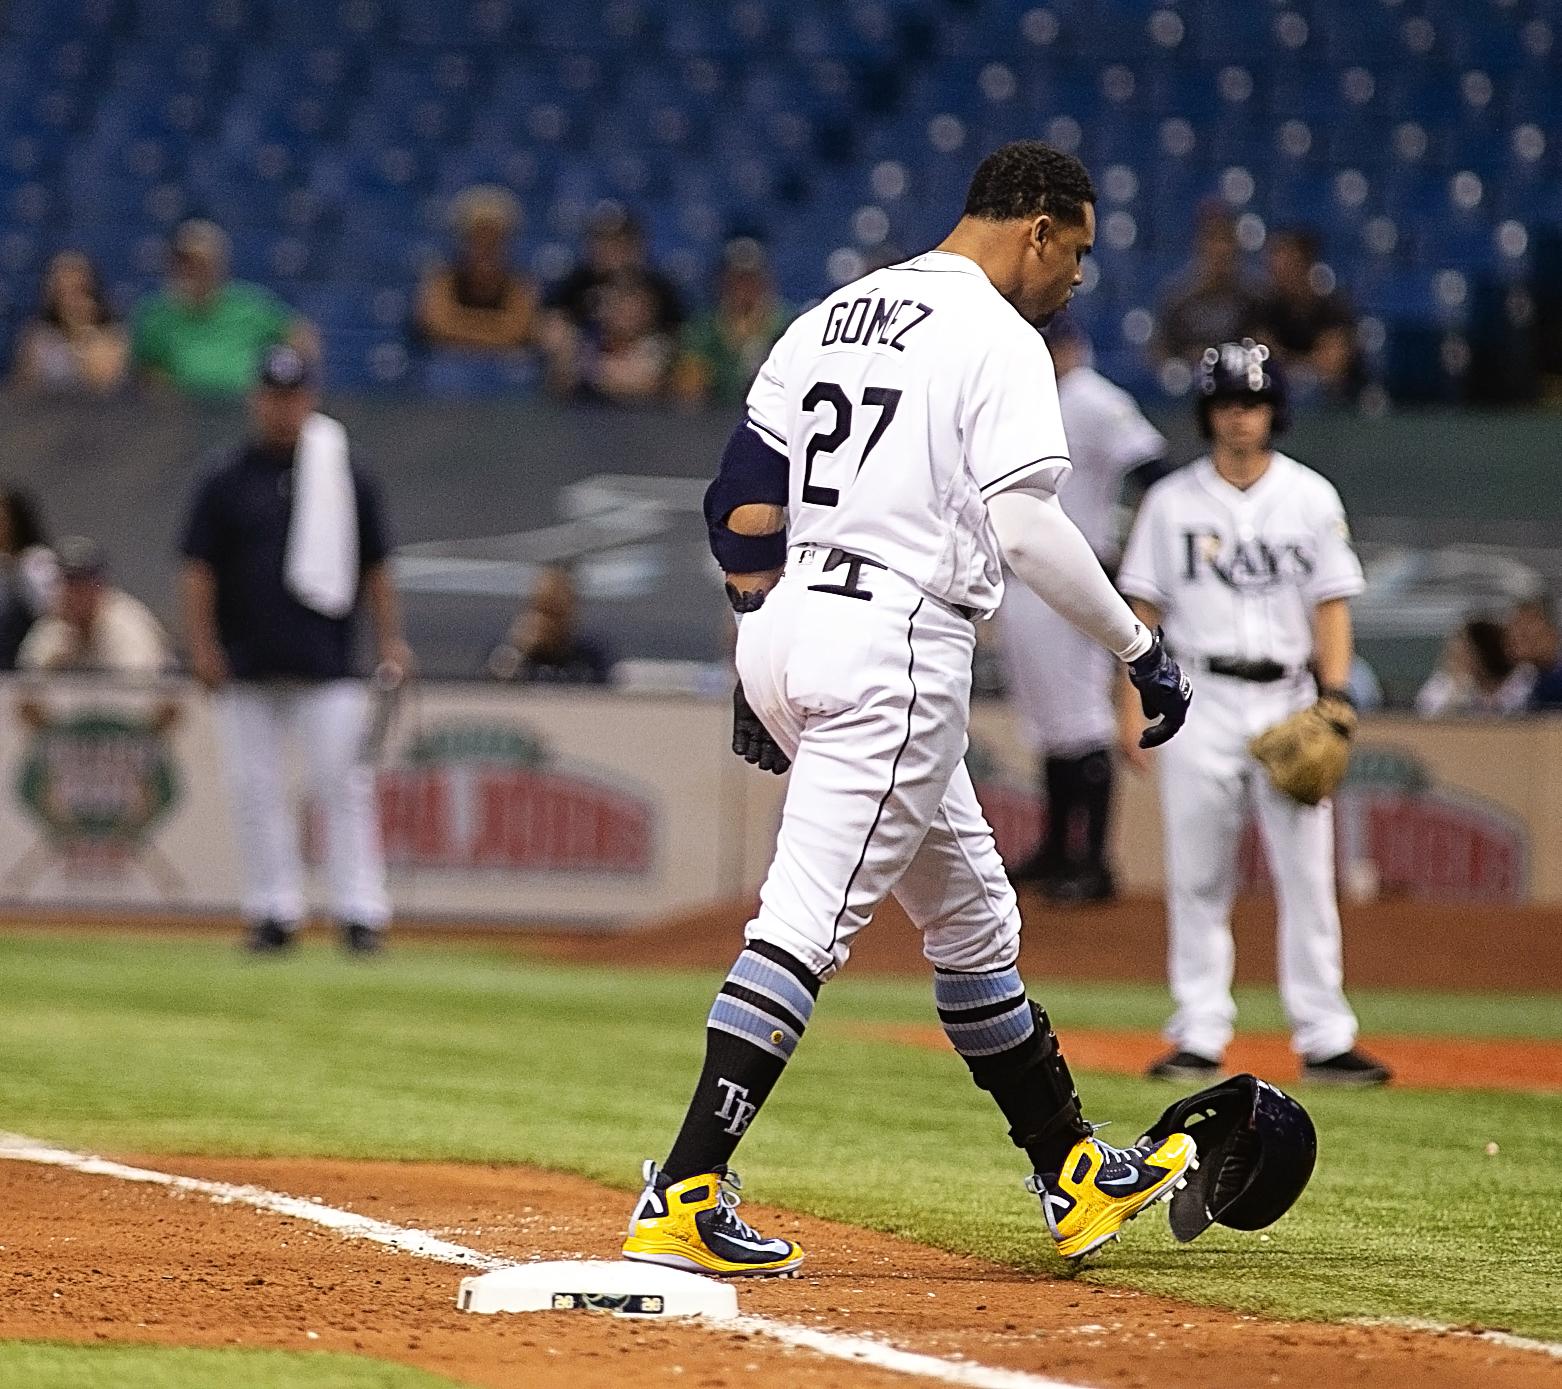 Gomez kicks his helmet in frustration./CARMEN MANDATO